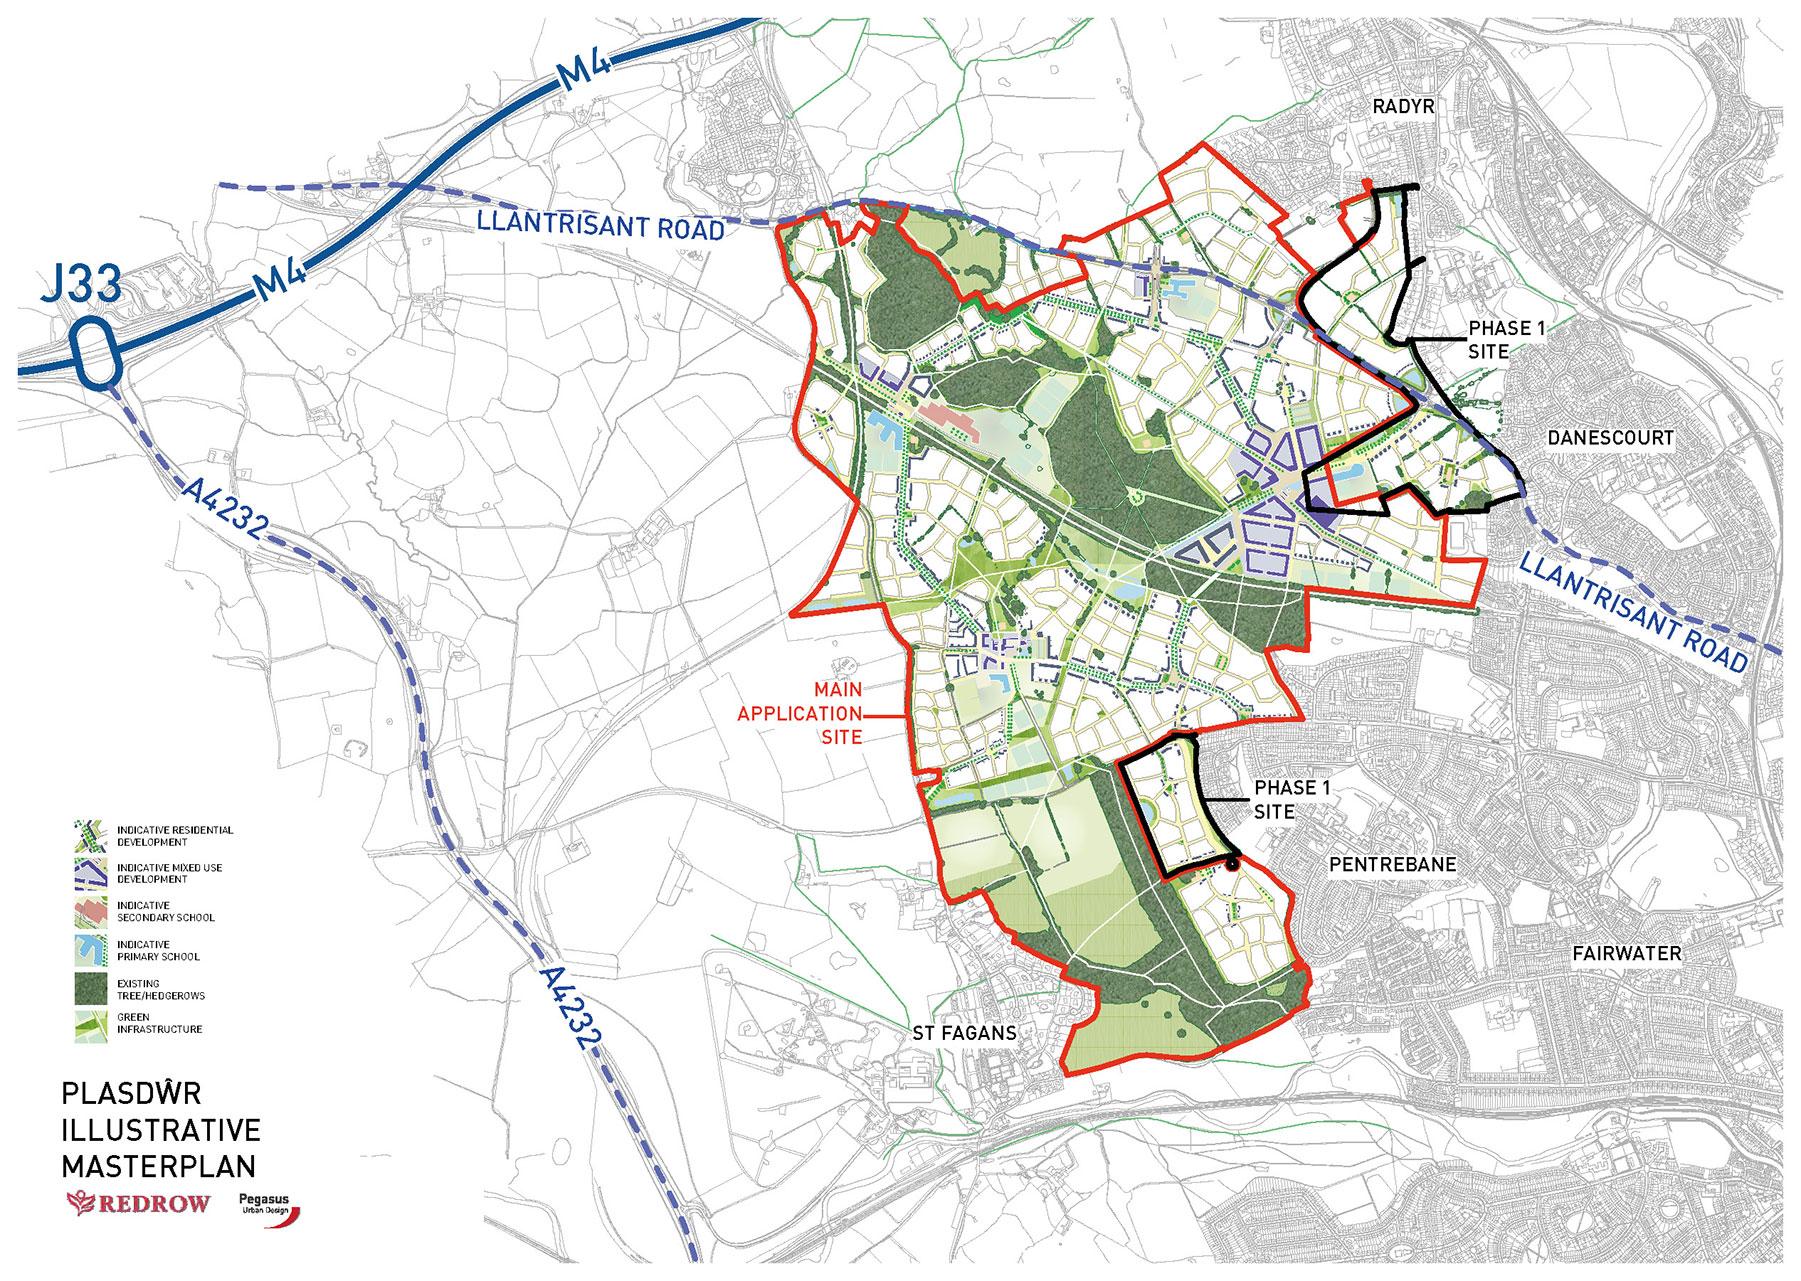 Plasdwr site plan